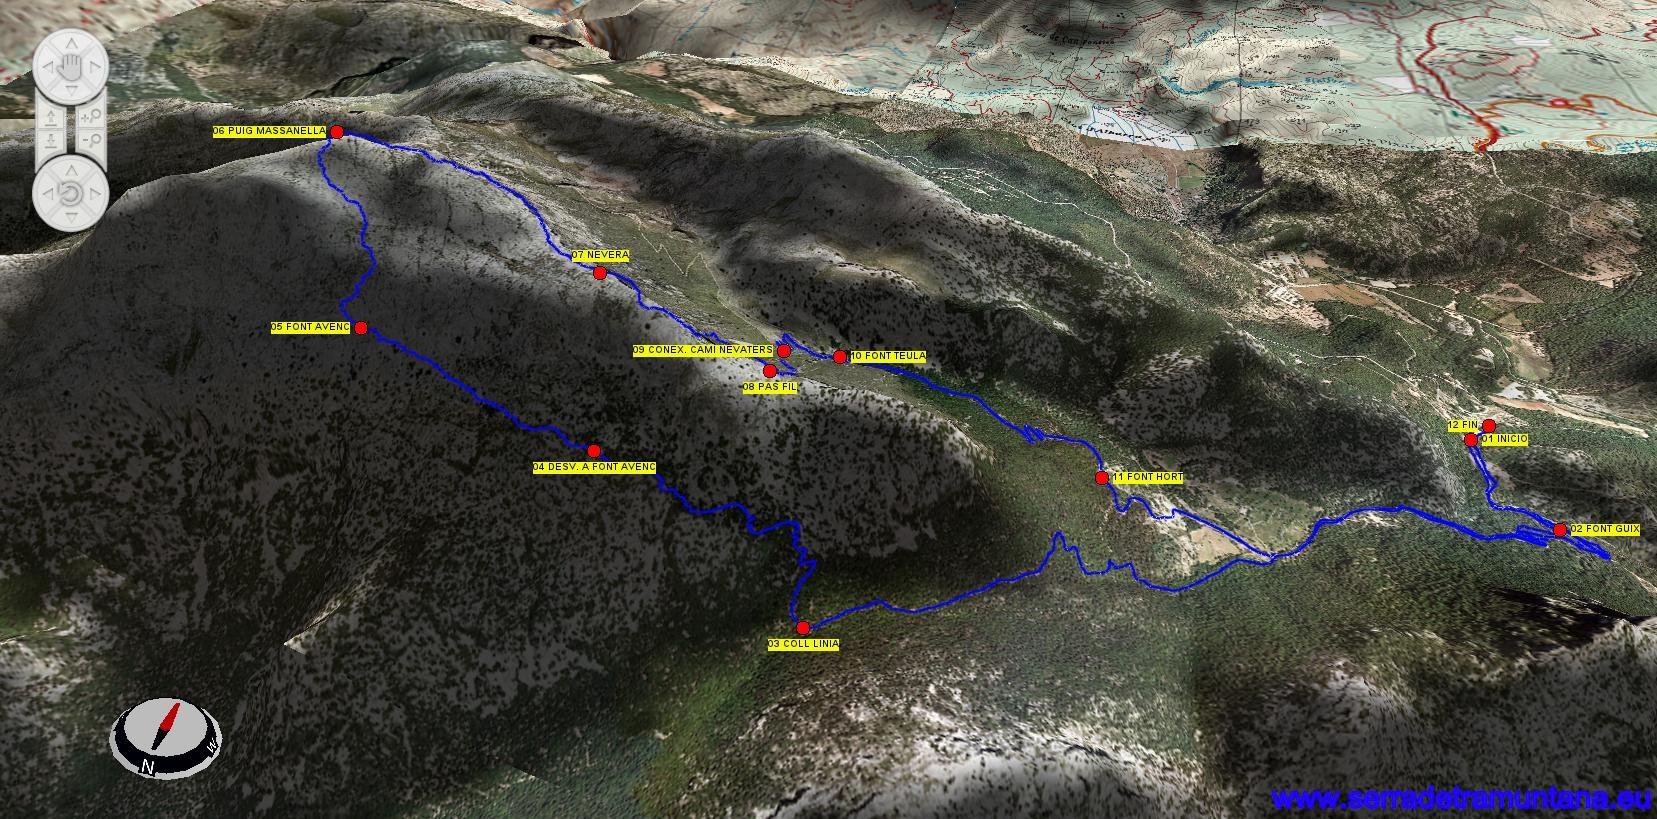 La ruta en 3D